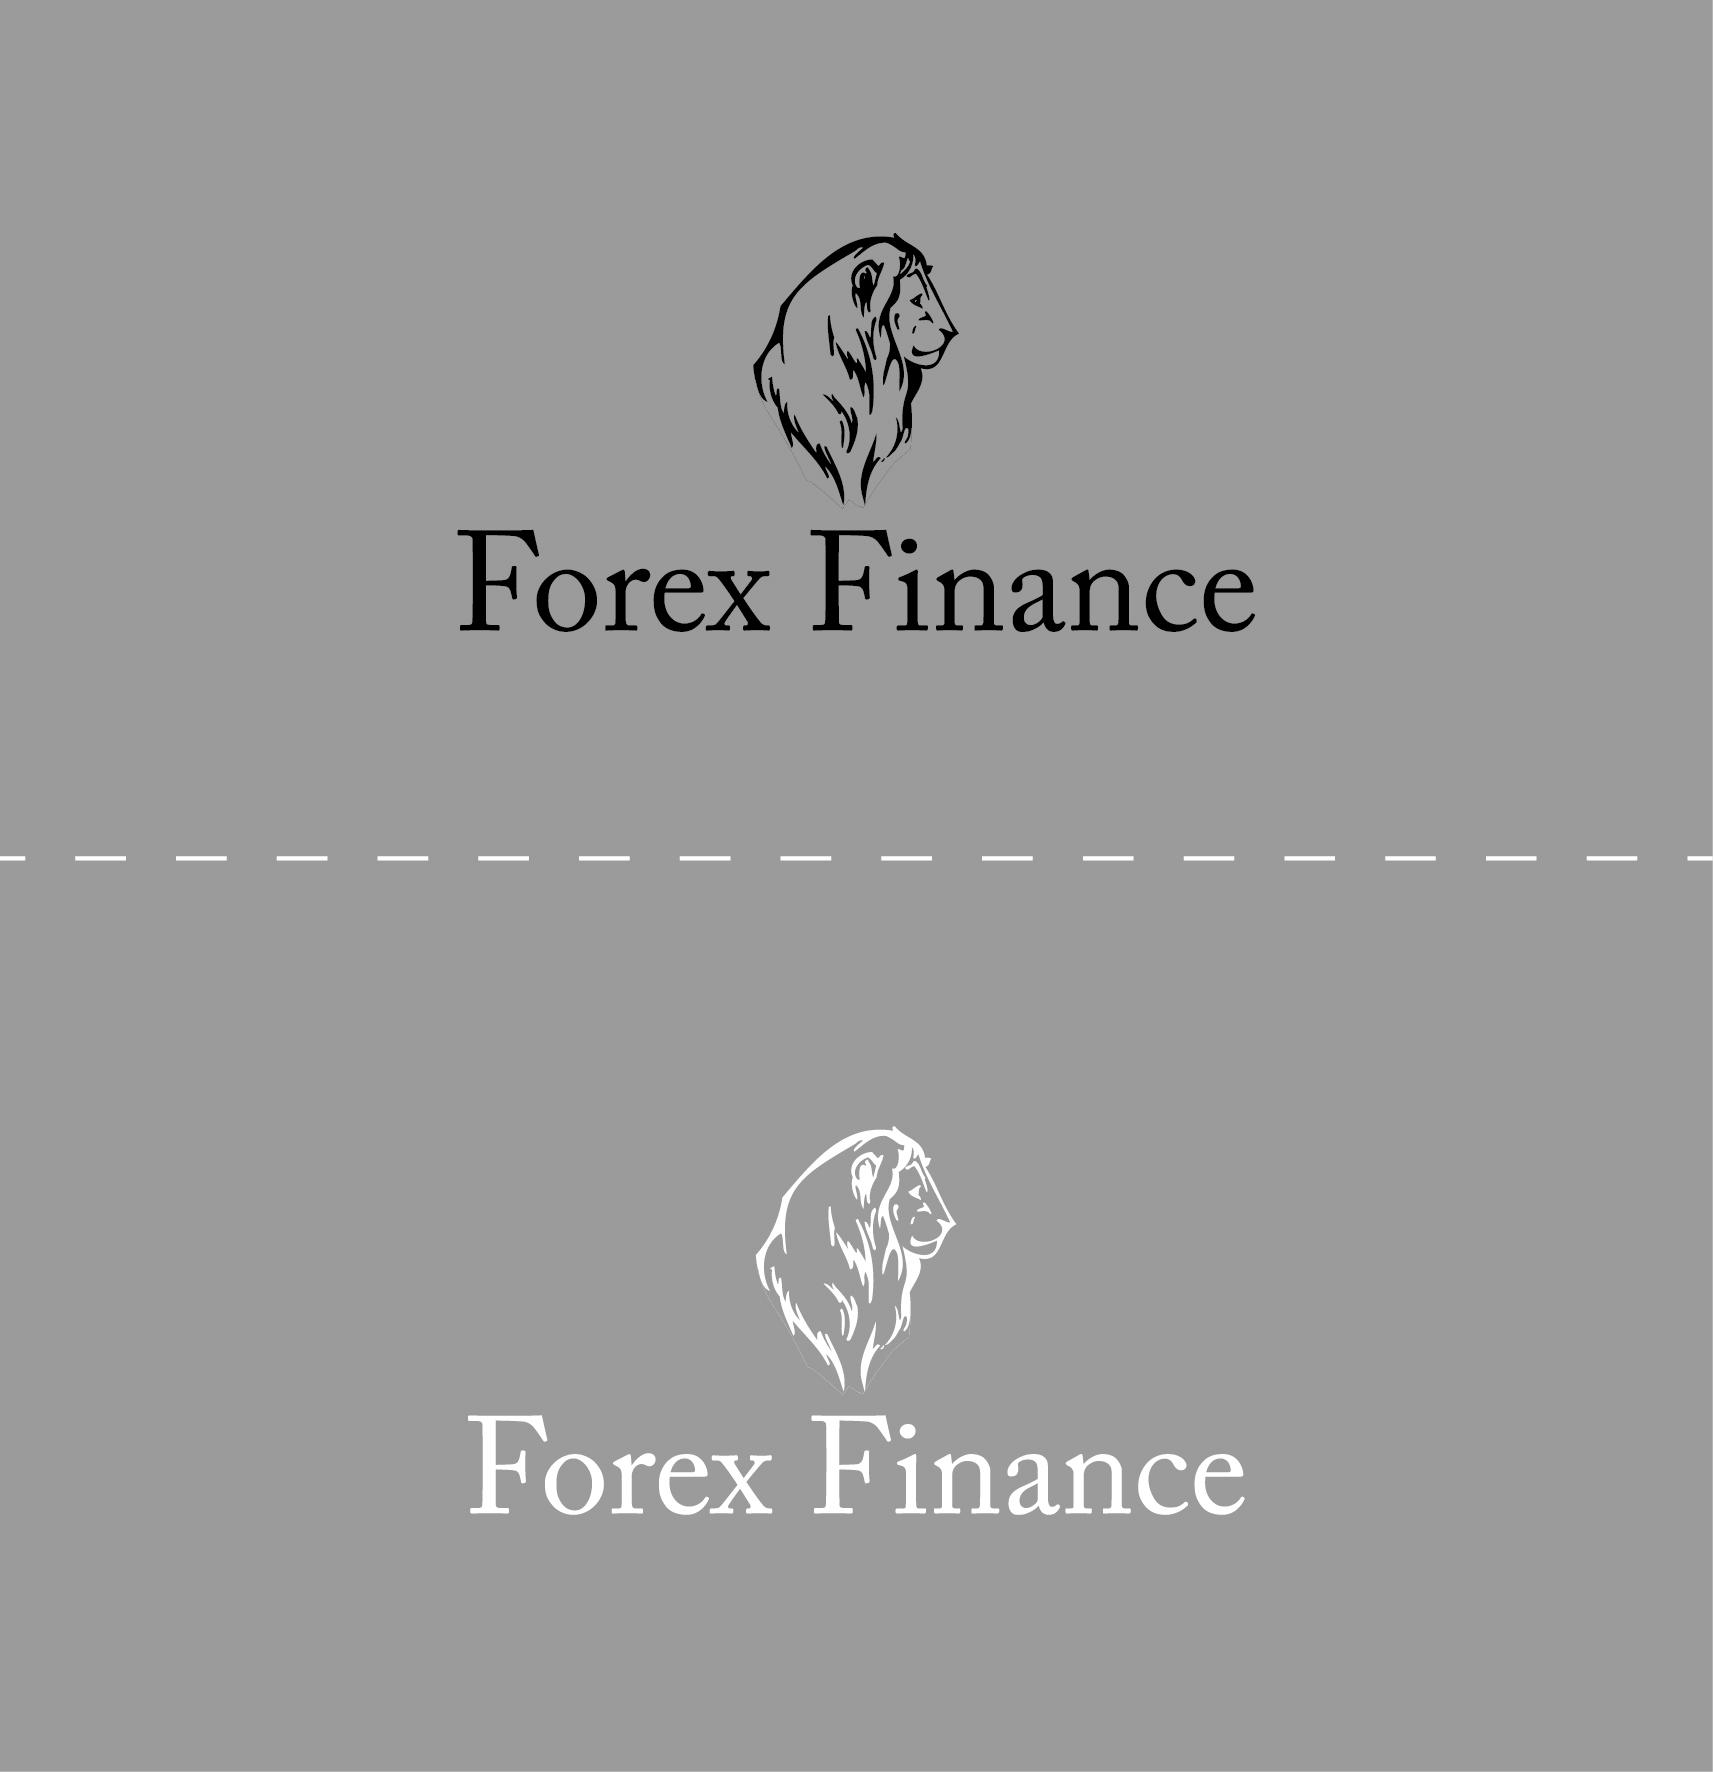 Разработка логотипа компании фото f_501fb72ad0ce3.jpg